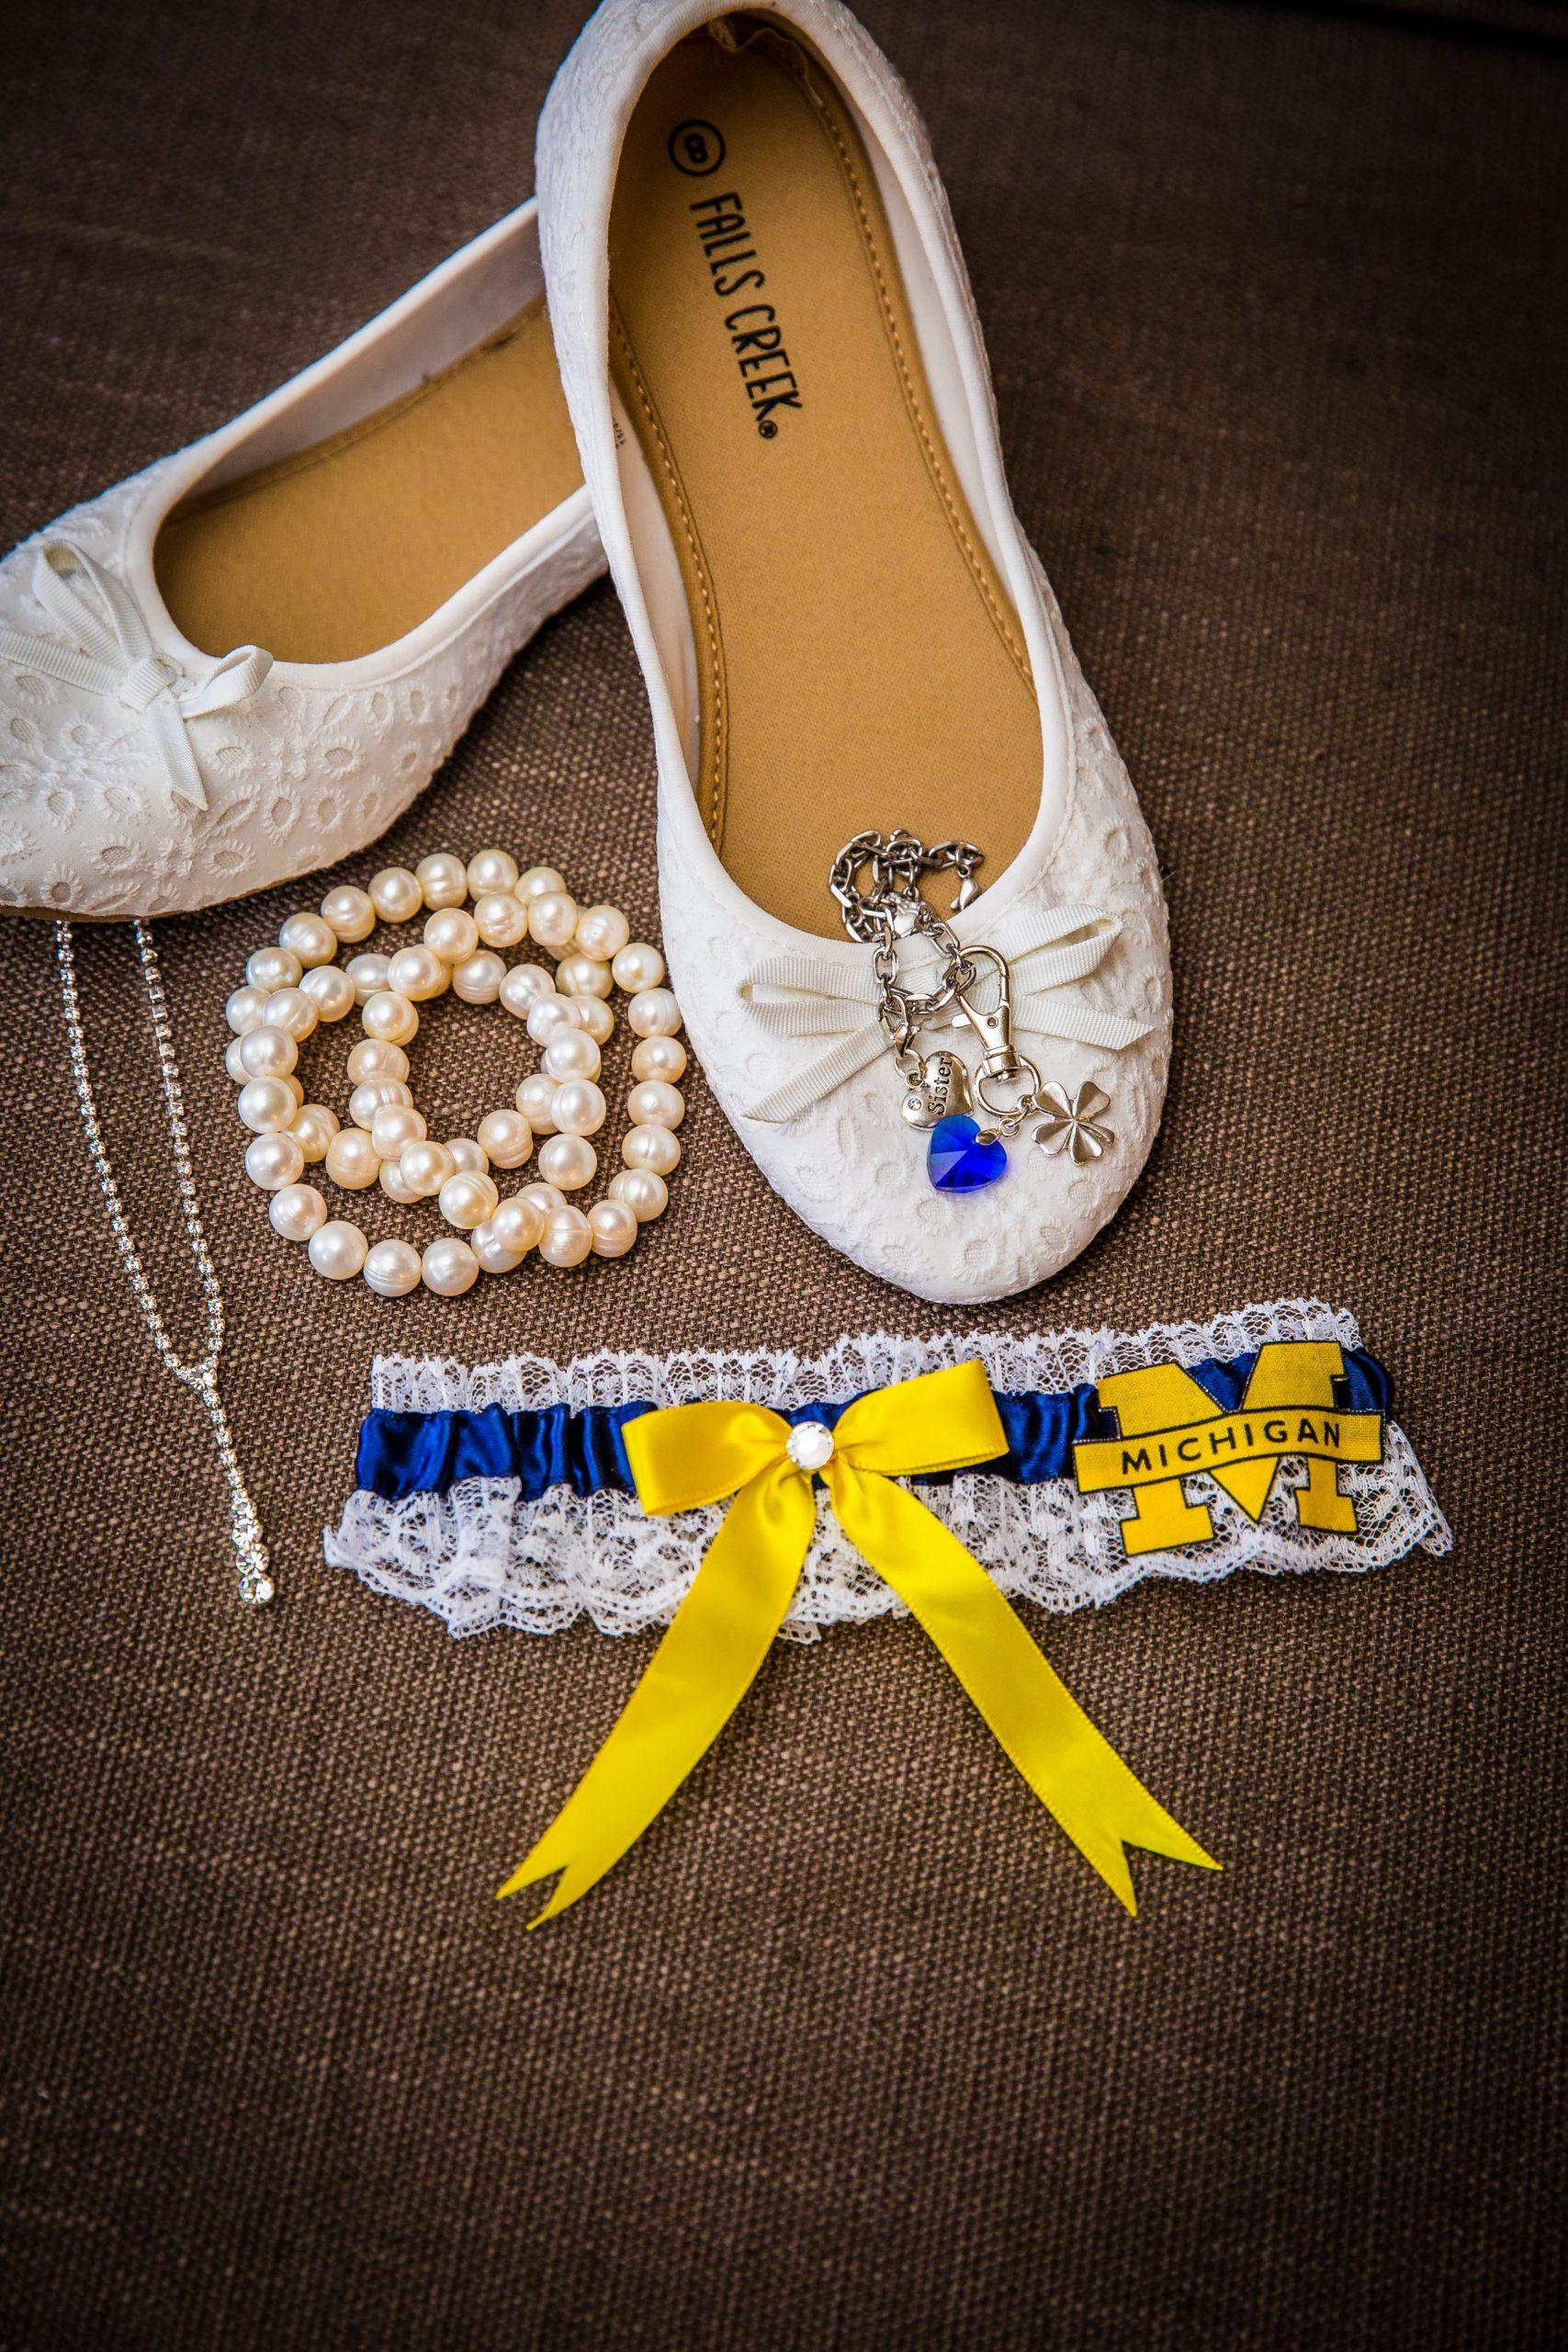 Michigan bridal garter